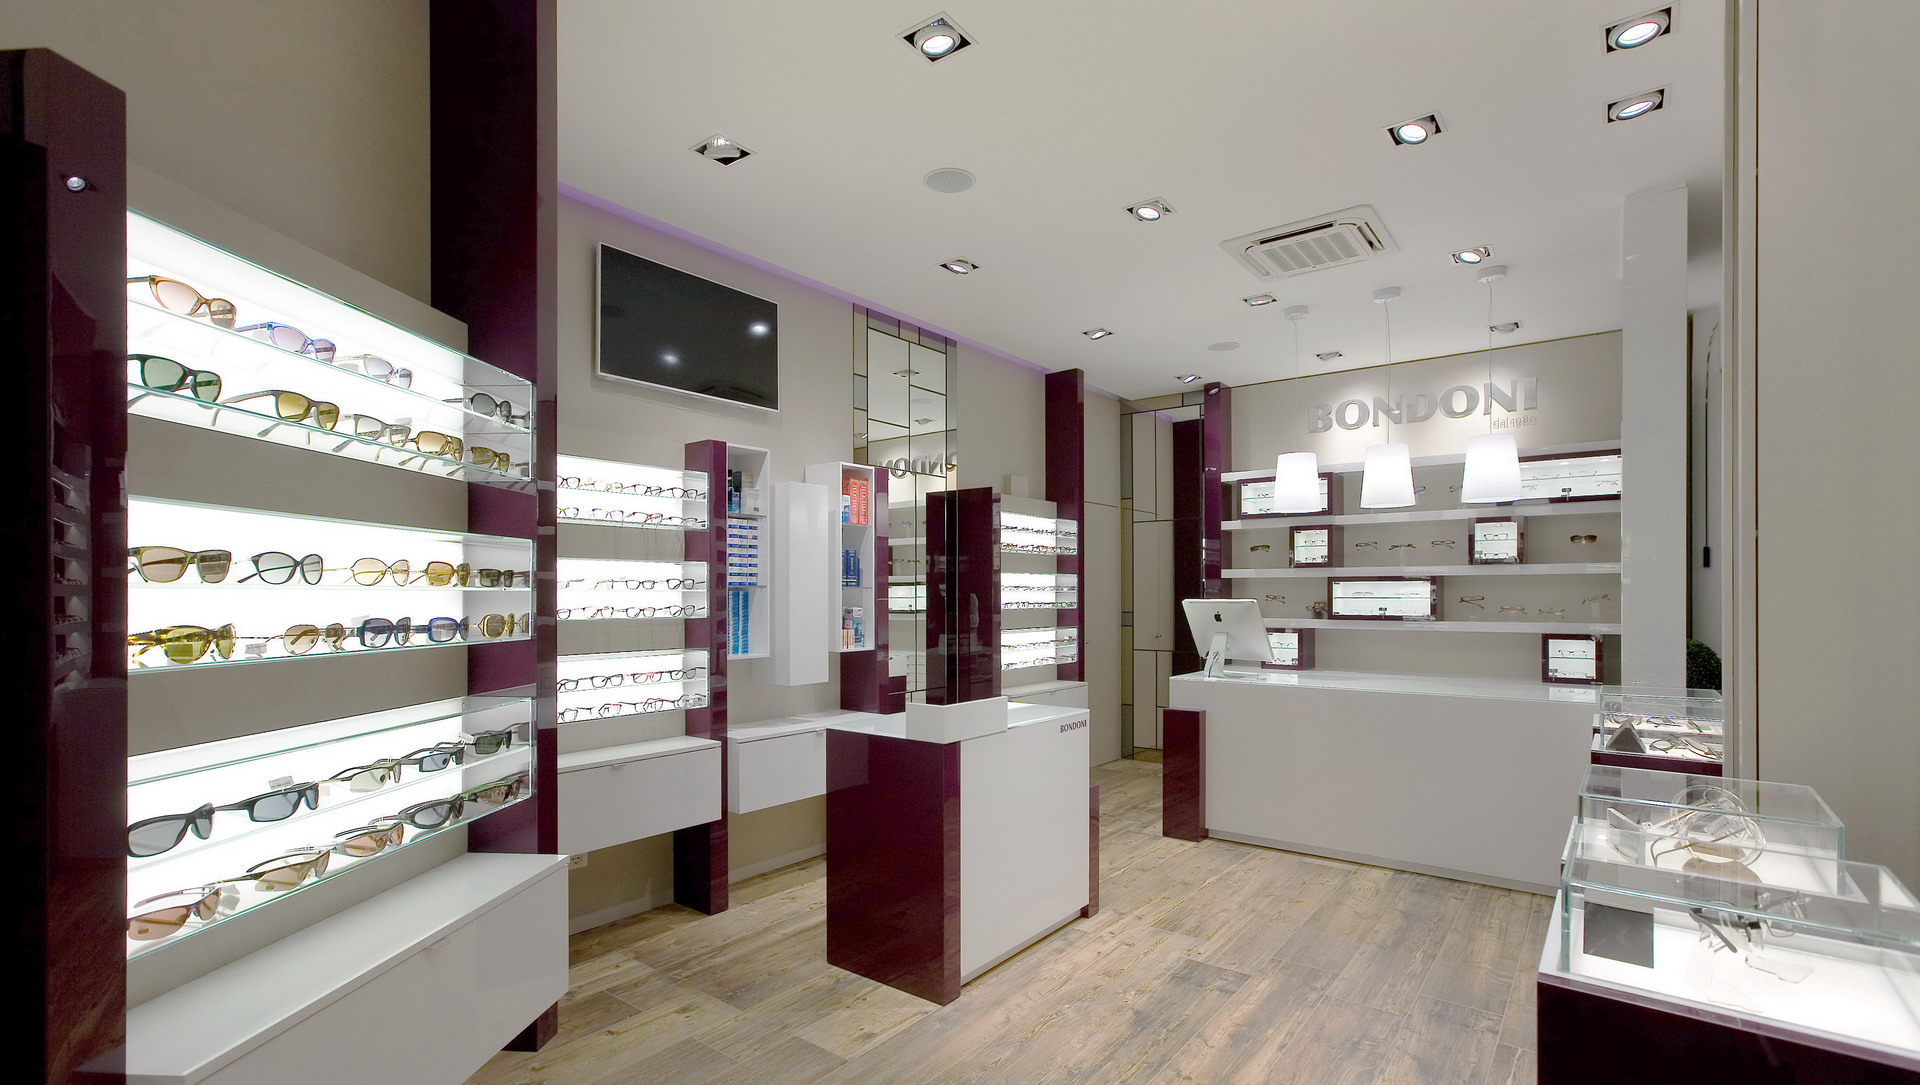 Arredamento ottica bondoni negozio di ottica milano for Arredamento negozi